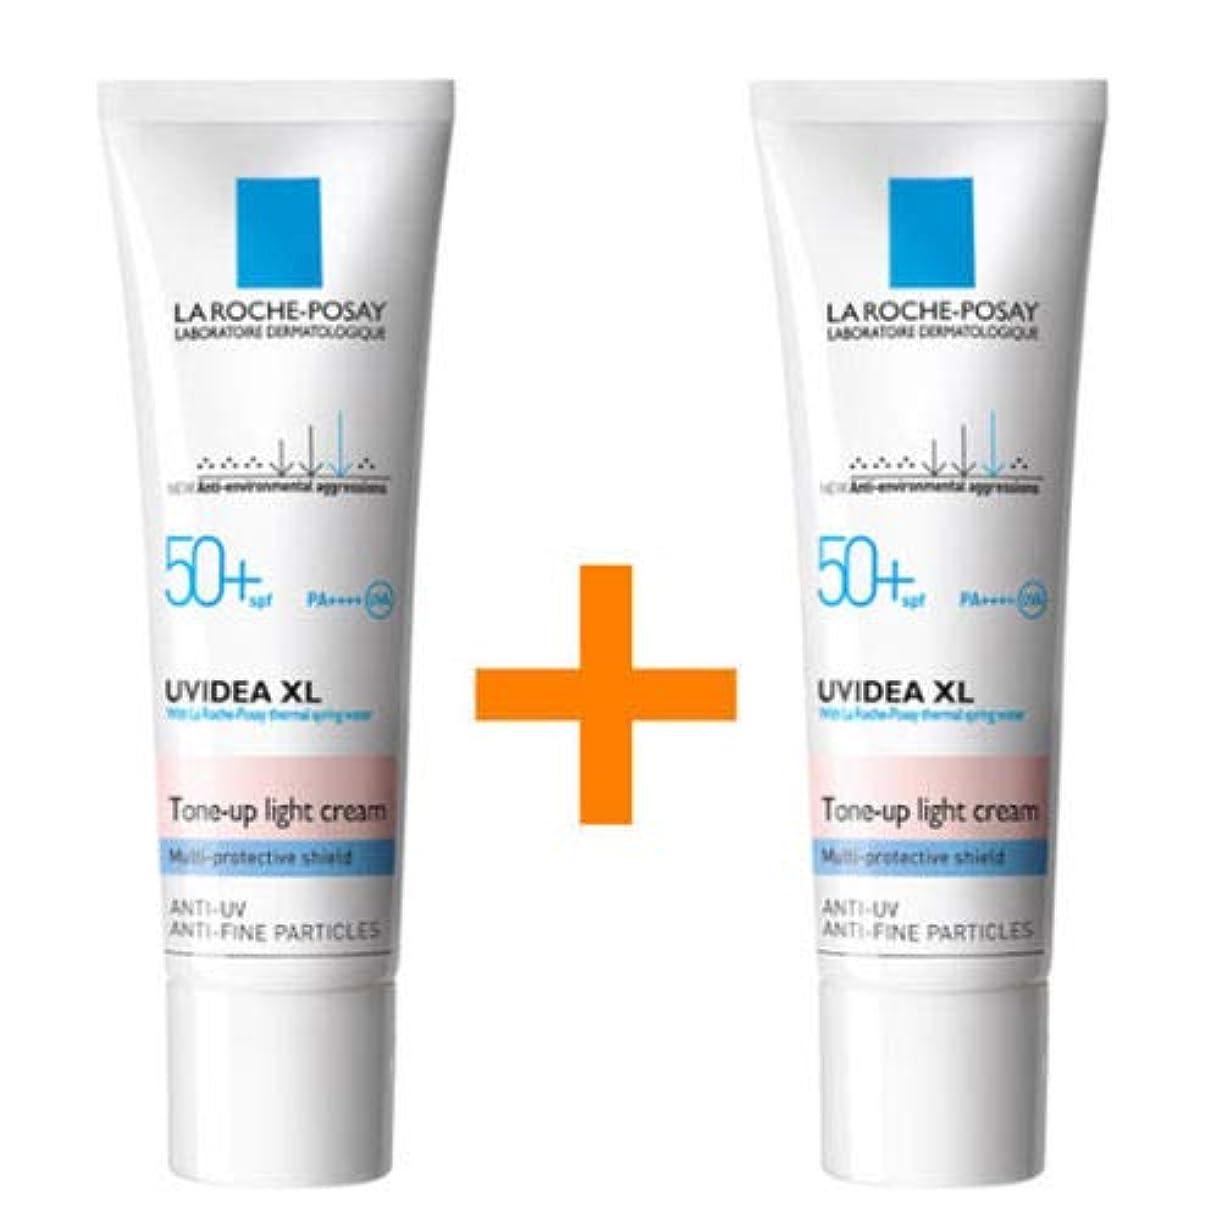 勇気識字なぜなら[1+1] La Roche-Posay ラロッシュポゼ UVイデア XL プロテクショントーンアップ Uvidea XL Tone-up Light Cream (30ml)